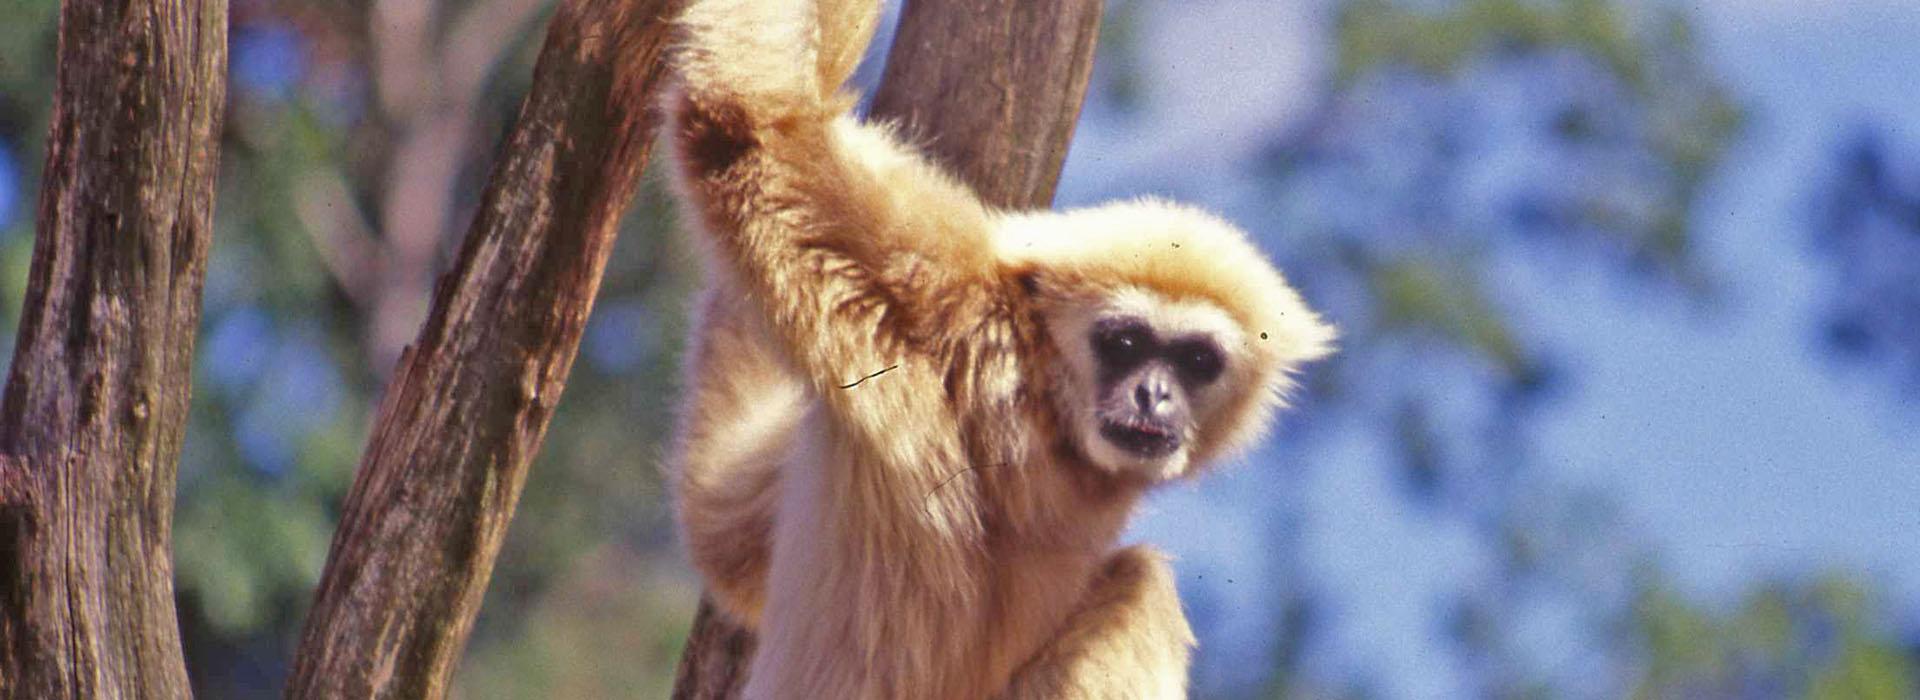 Apa i ett träd på Parken Zoo 1998. Foto Studio Roland.